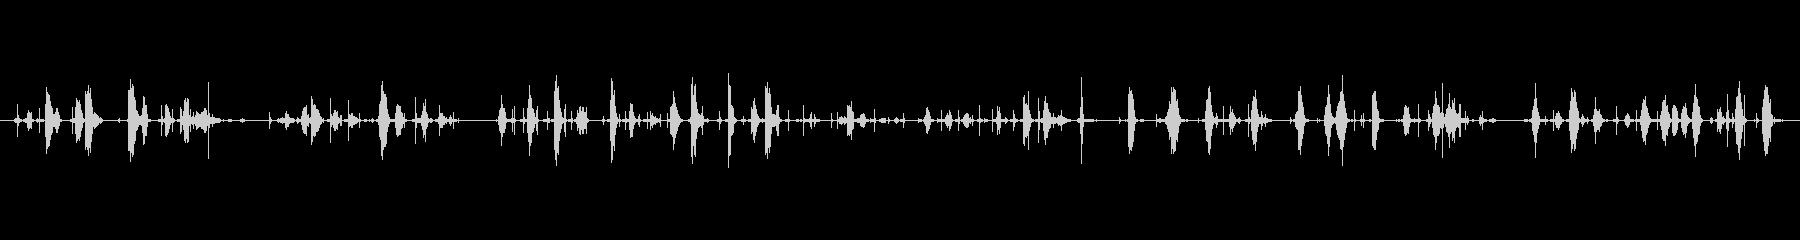 【鉛筆01-02(書く)】の未再生の波形